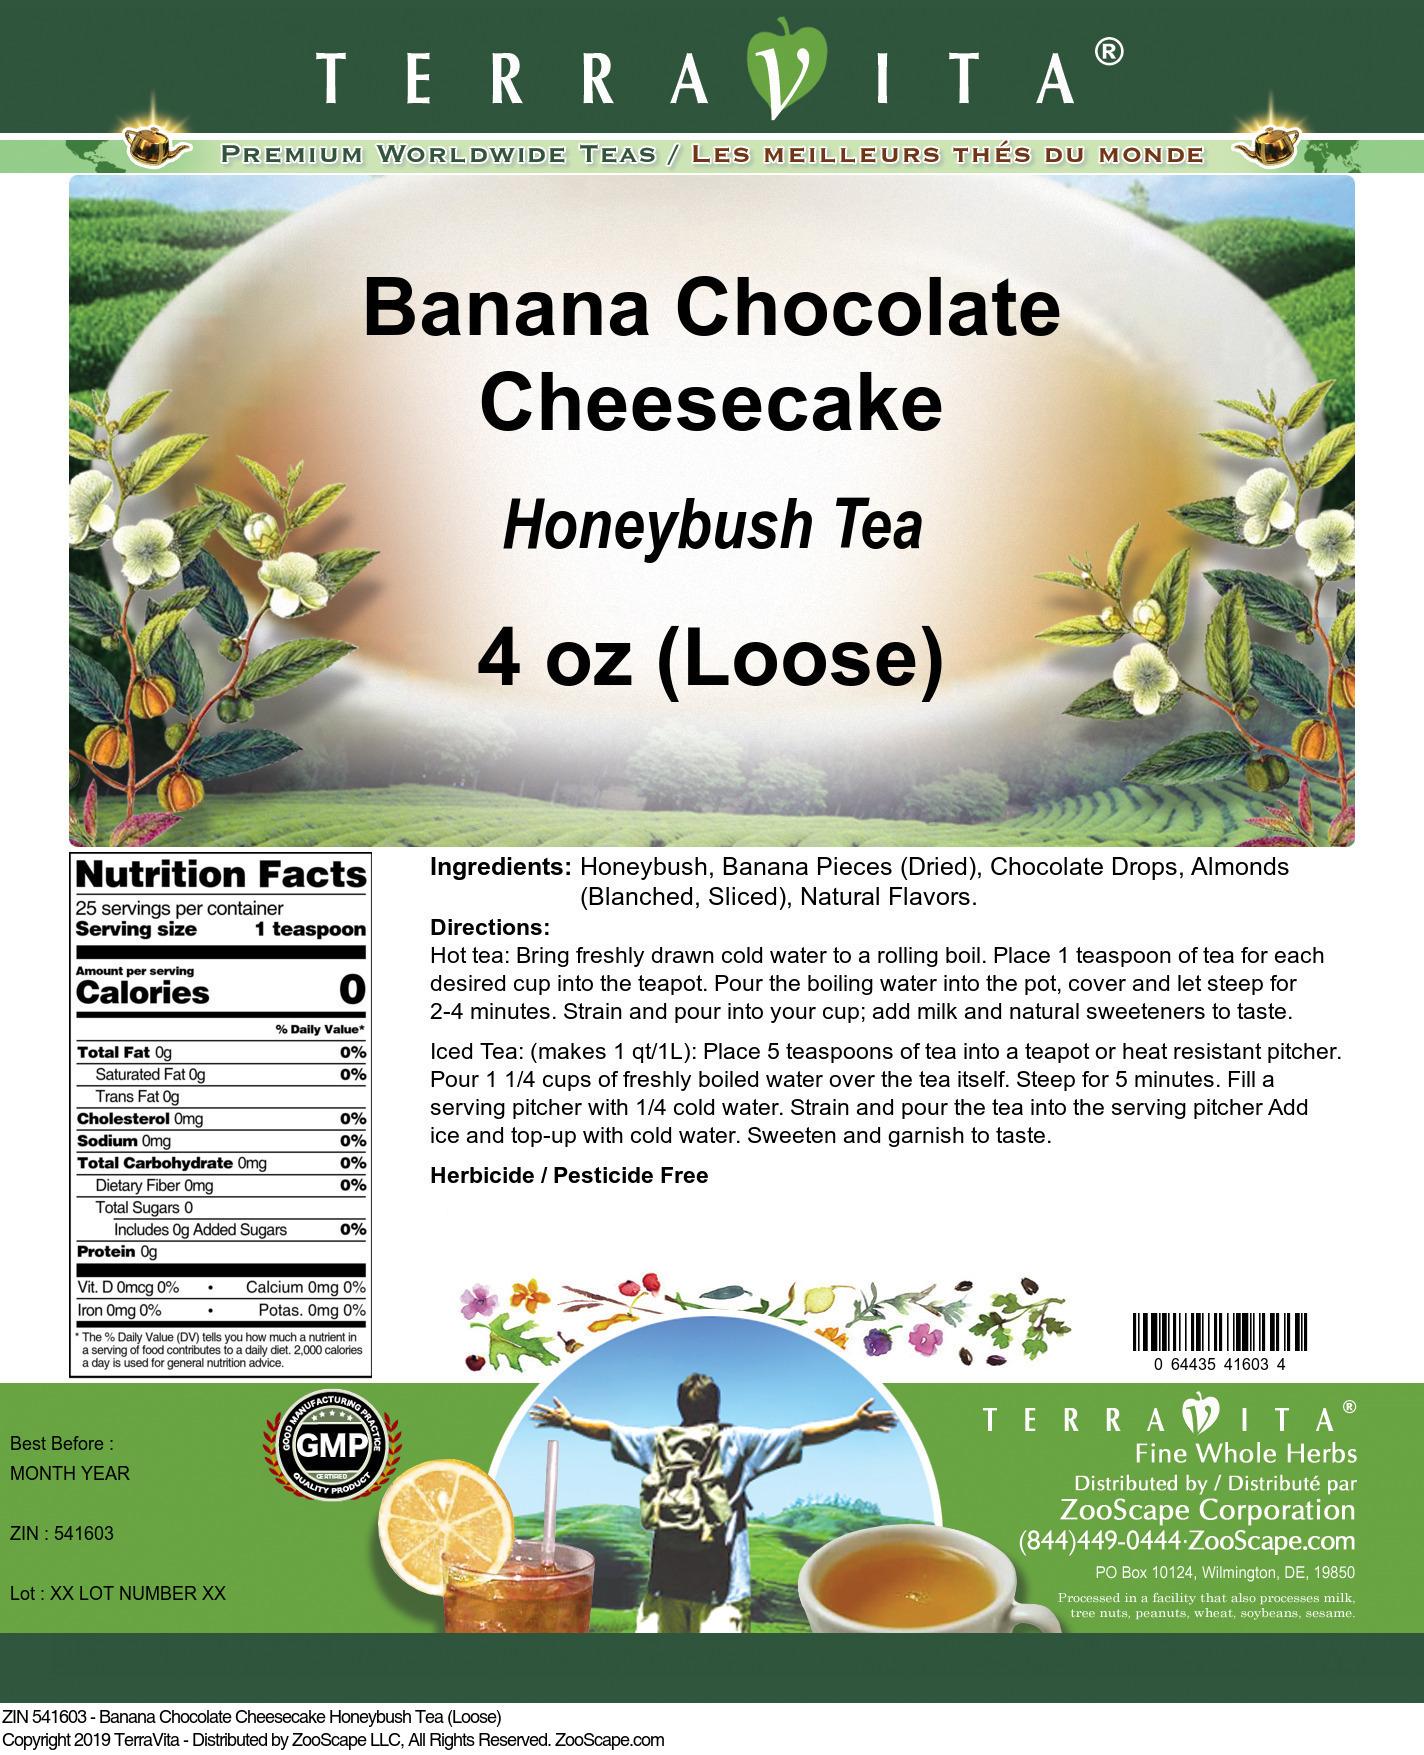 Banana Chocolate Cheesecake Honeybush Tea